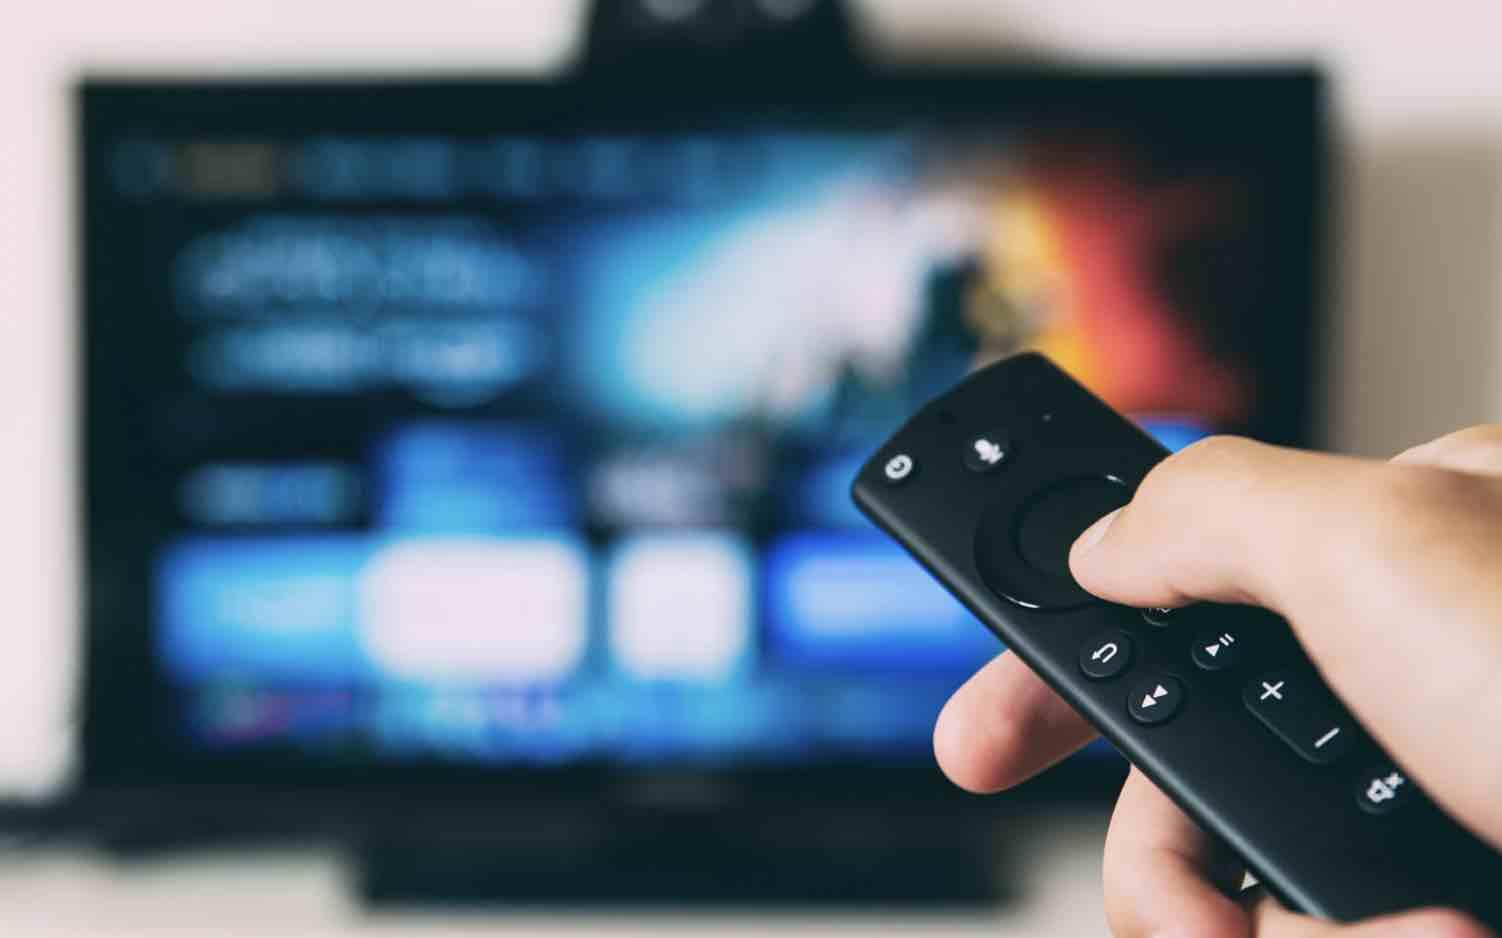 Migliore piattaforma streaming 2021: la TOP 6 di quest'anno